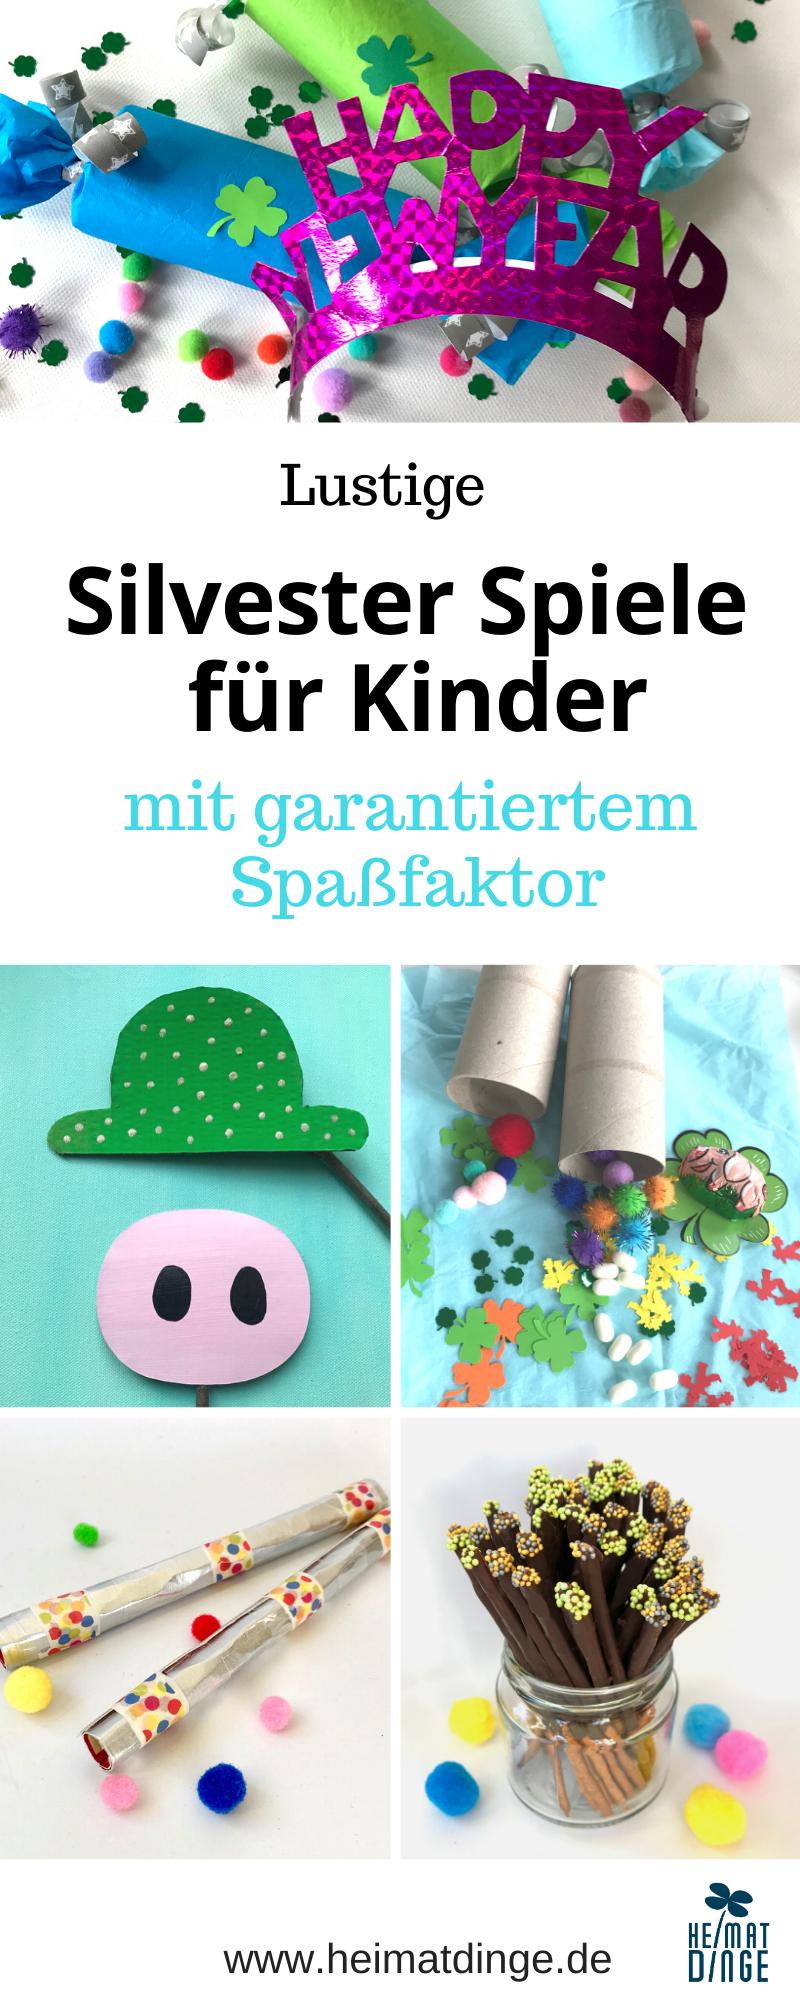 Silvester Spiele für Kinder mit garantiertem Spaßfaktor - #weihnachtendekorationkinder